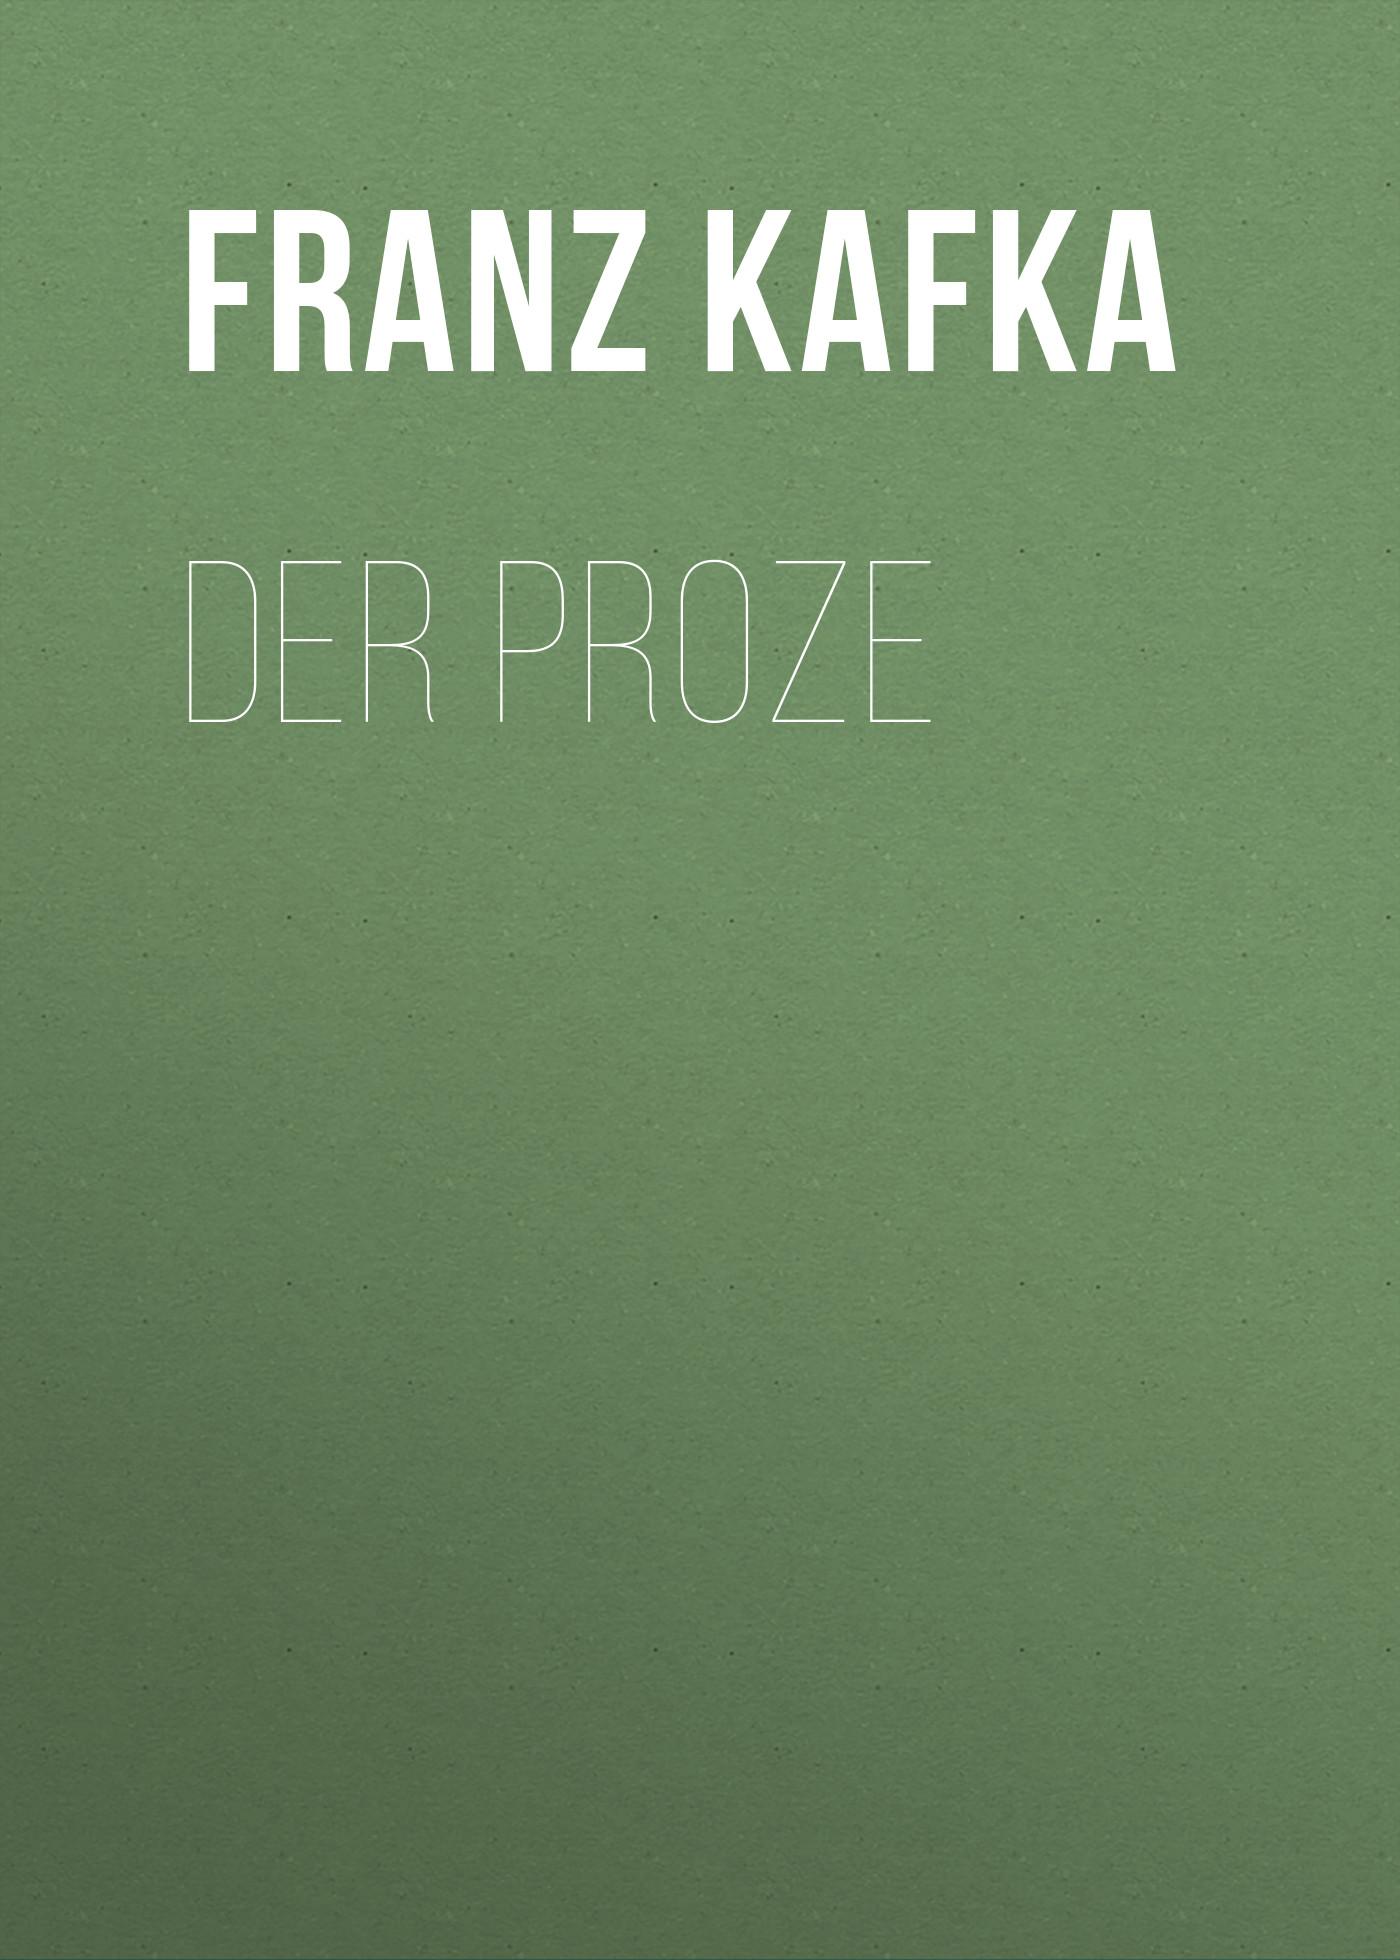 лучшая цена Франц Кафка Der Proze